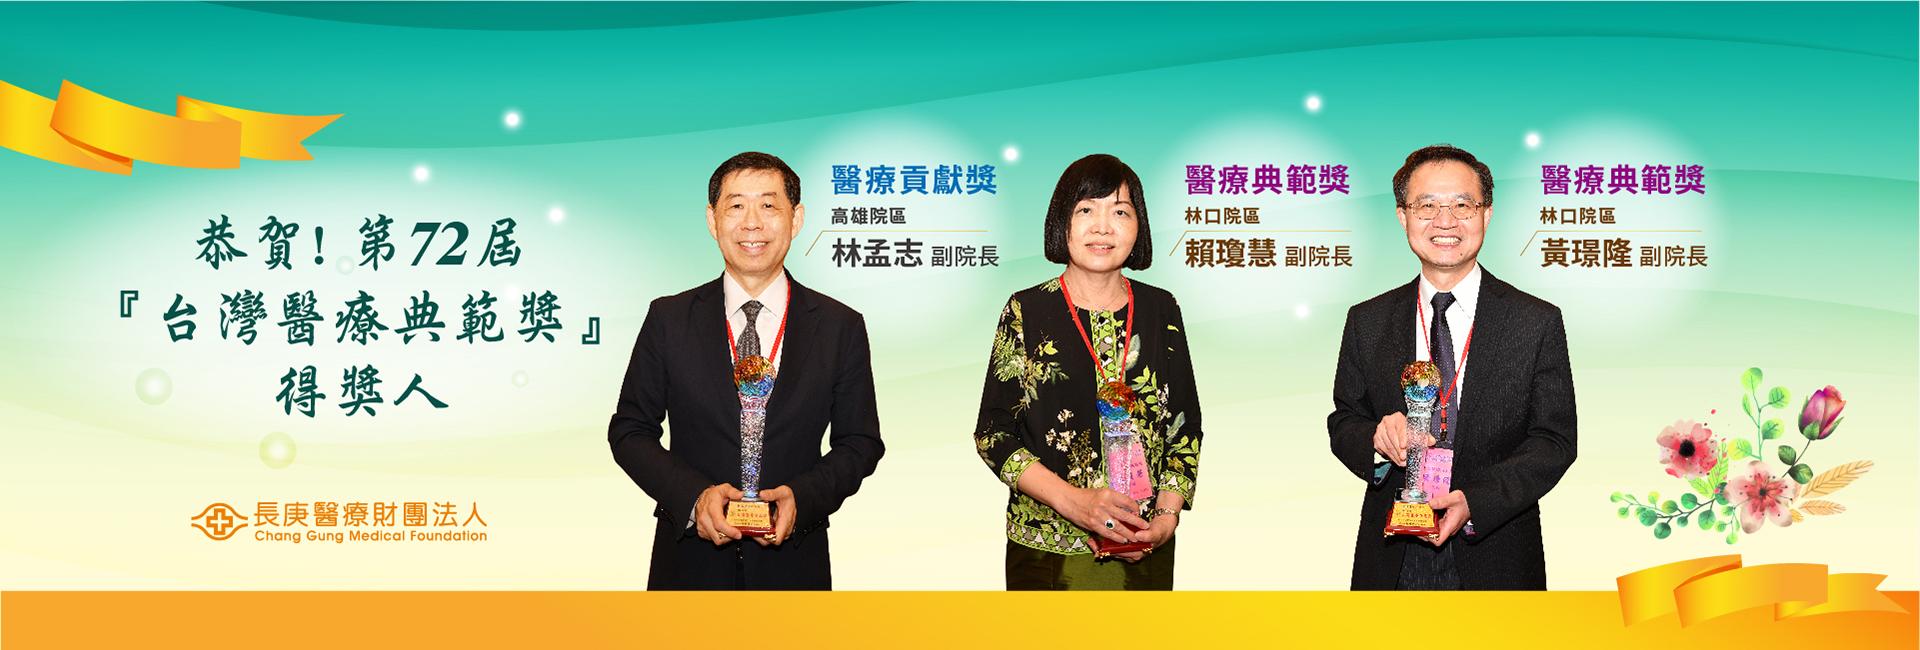 國家醫療貢獻典範獎